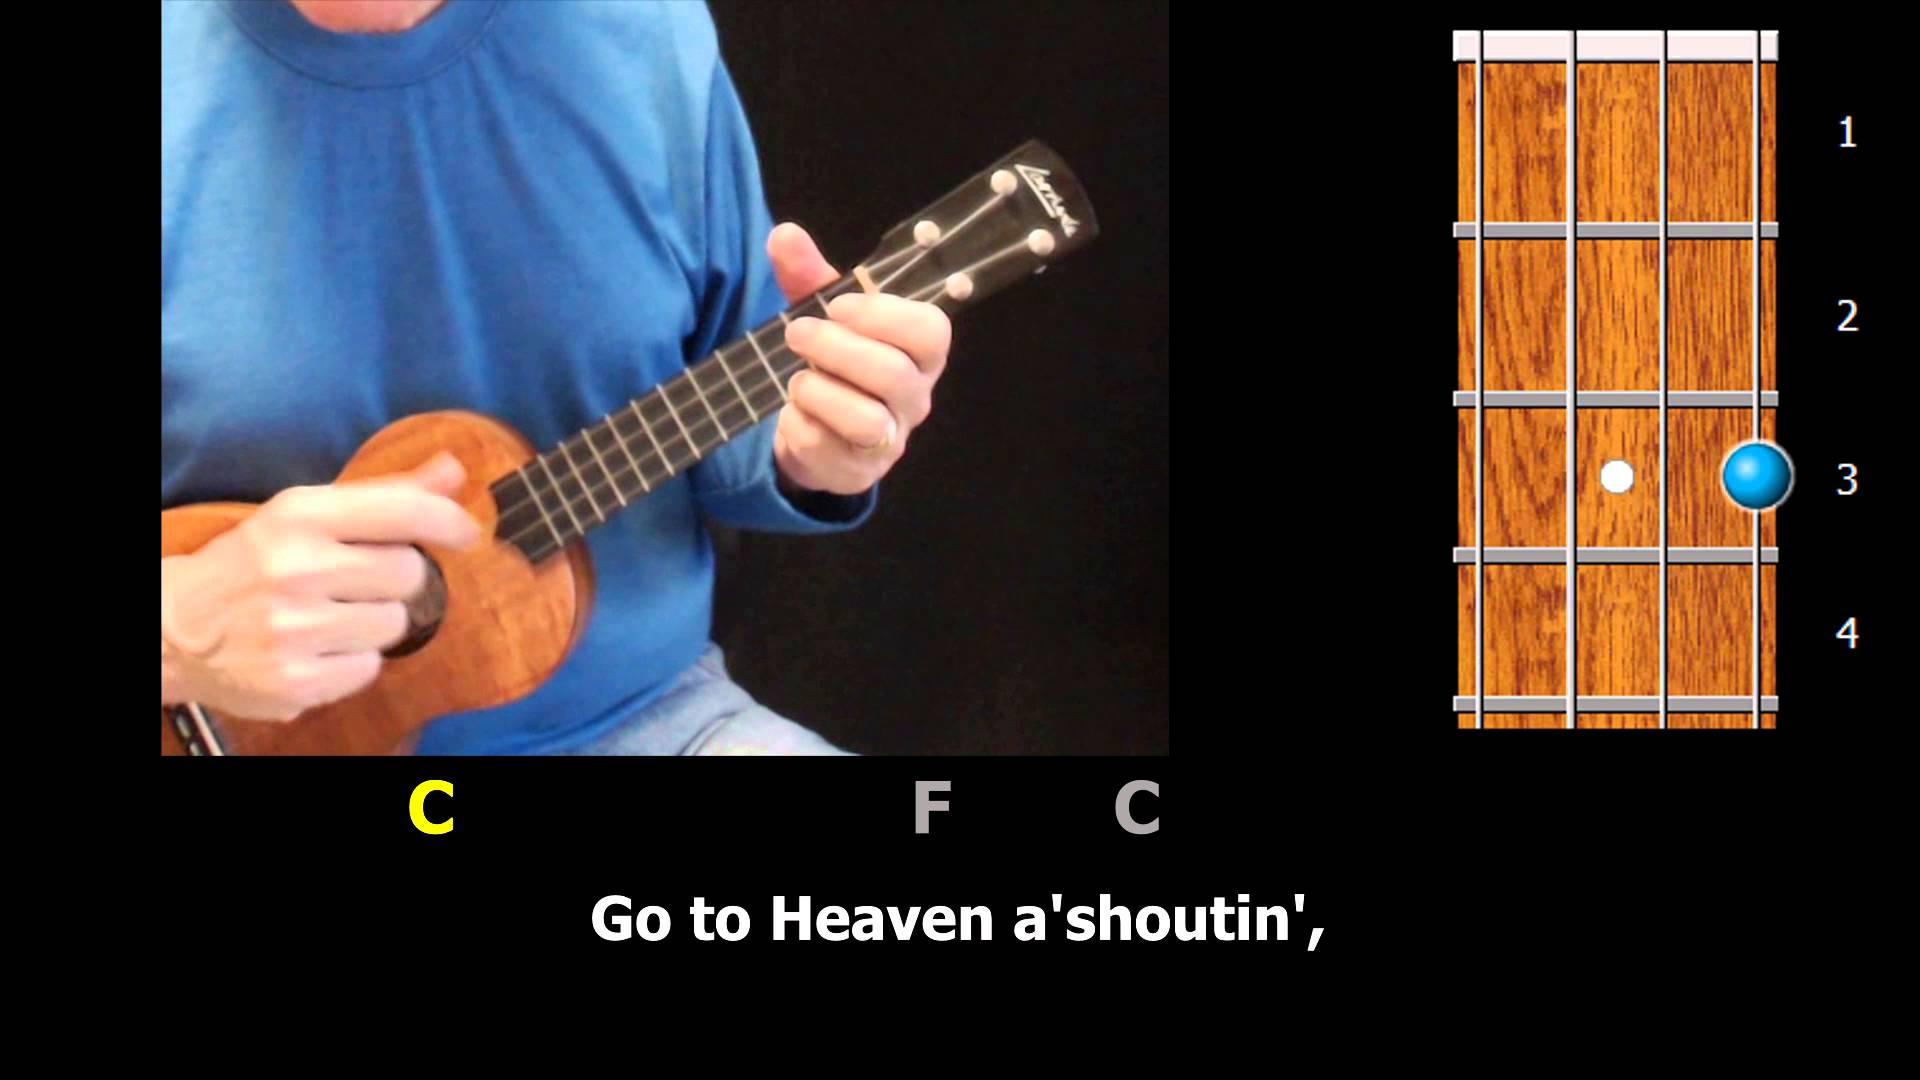 Strawberry wine ukulele strum along with chords and lyrics go rest high on that mountain clawhammer ukulele hexwebz Images